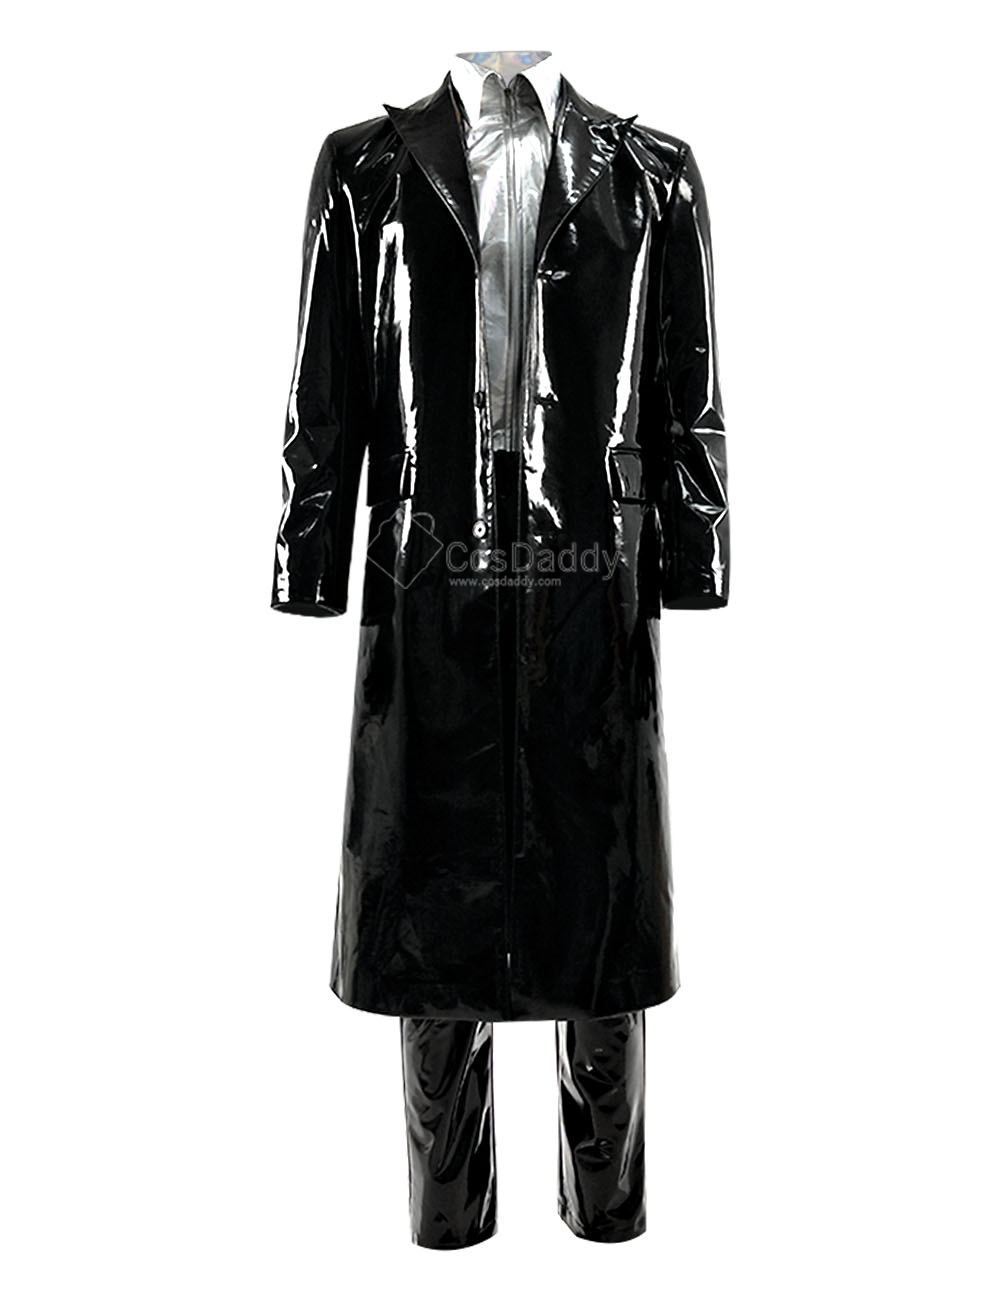 Costume d'intelligence artificielle Joe Cosplay Costume d'ai Costume de scène Steampunk pour le spectacle de fête